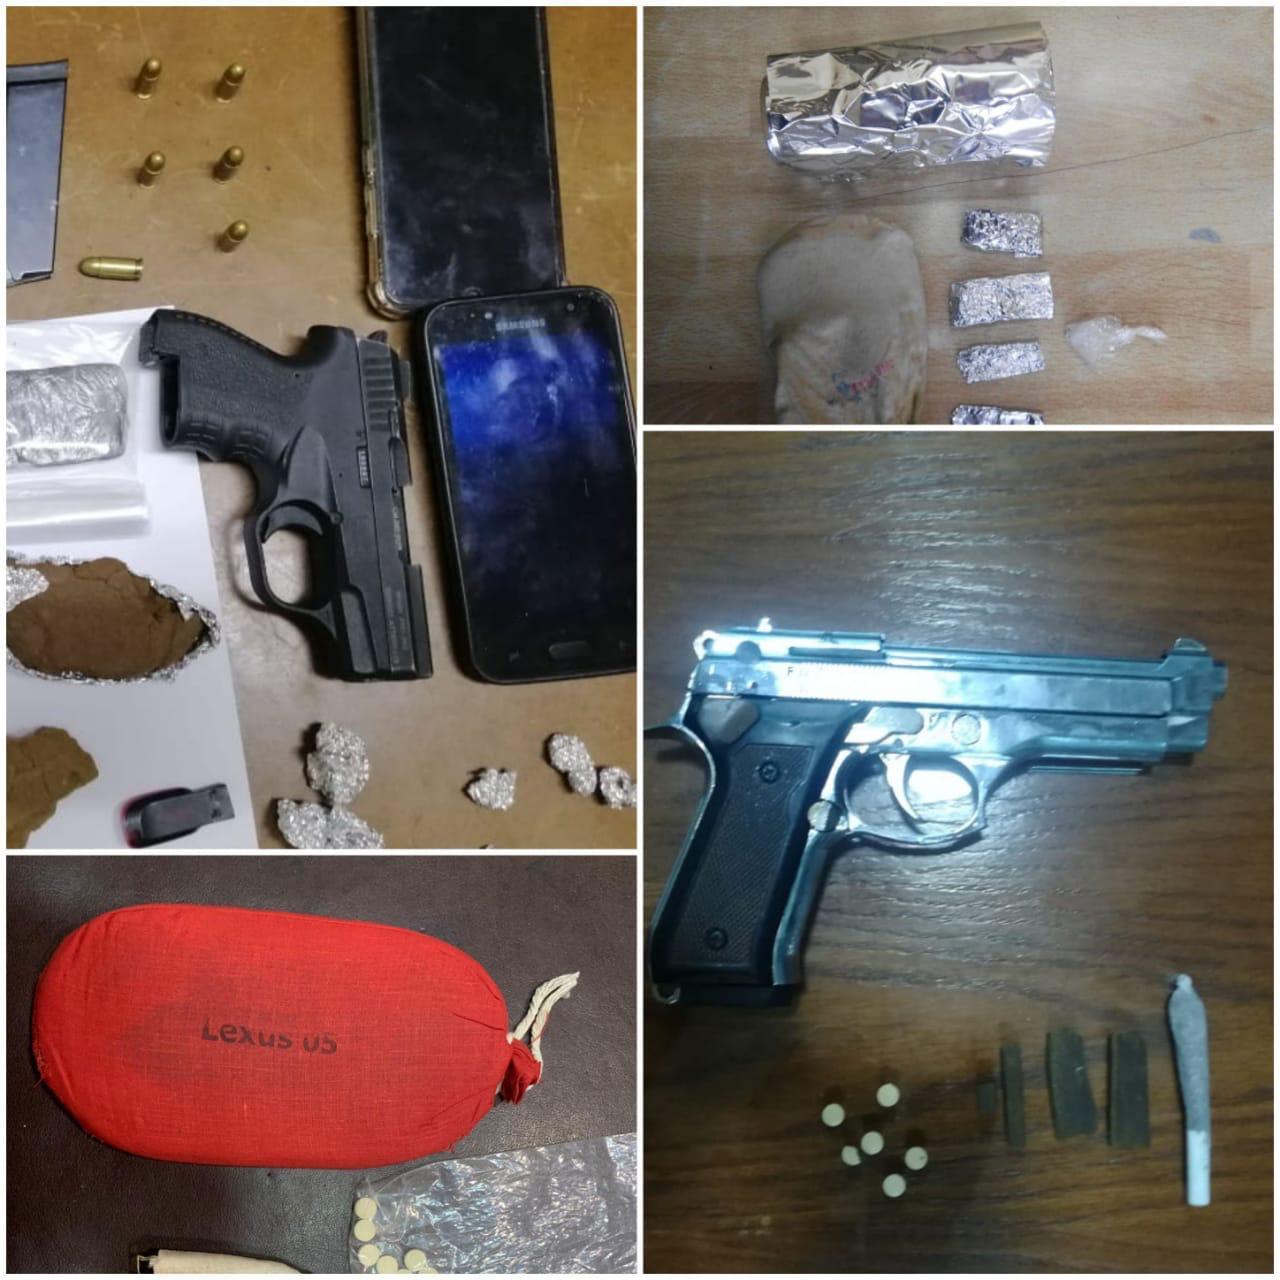 بالصور  ..  الامن يلقي القبض على  29 مروجا للمخدرات والاسلحة من بينهم مصنف خطير